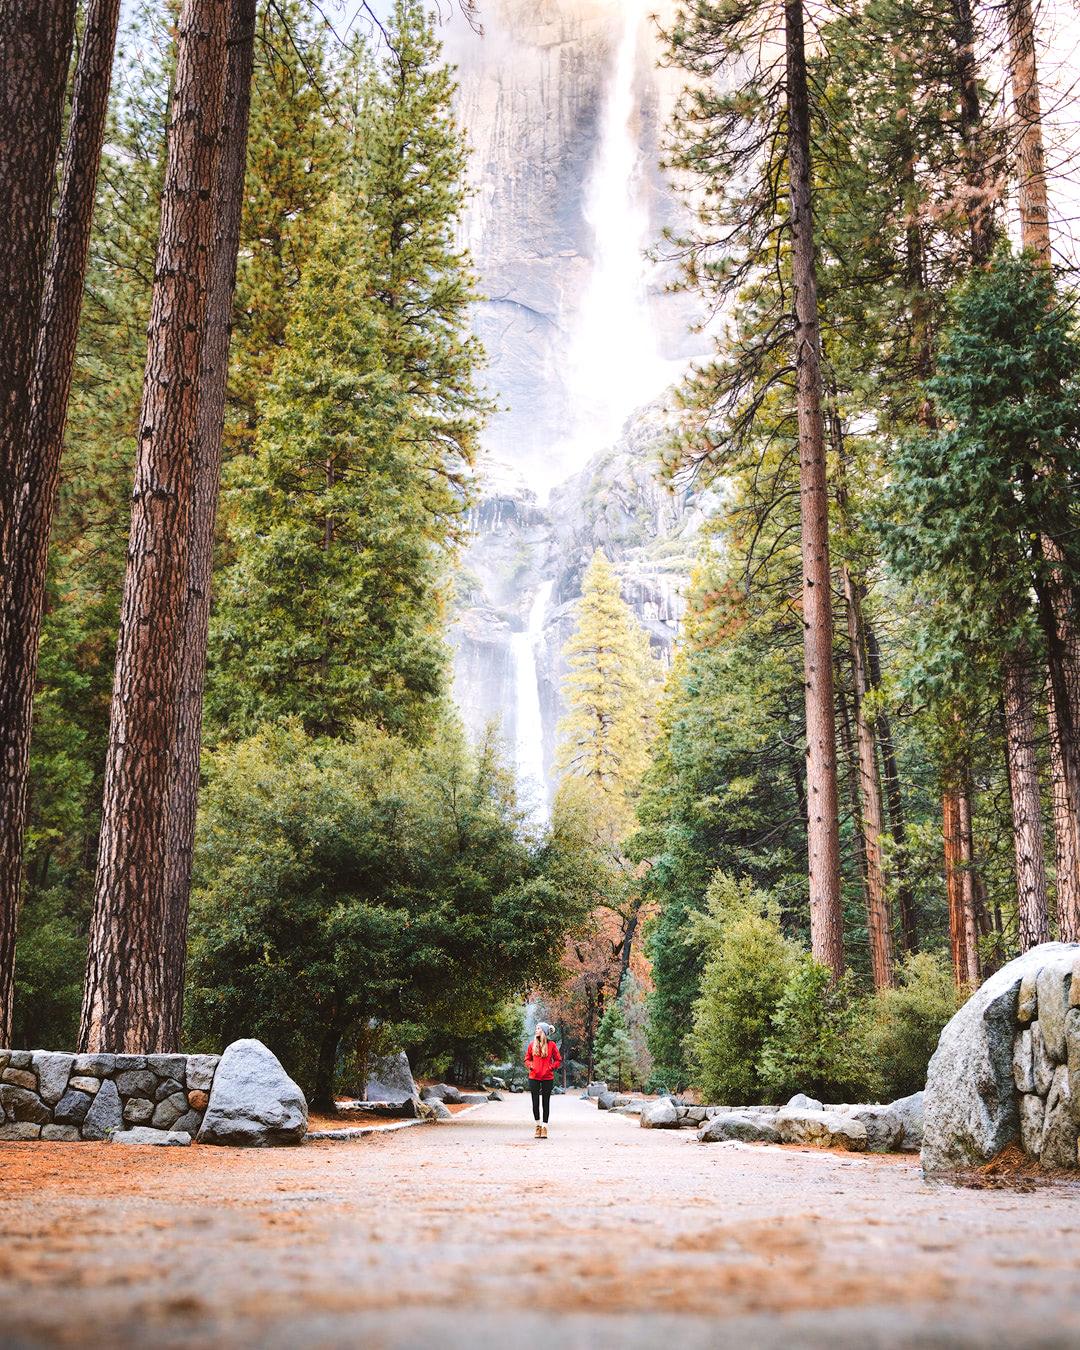 The Ultimate Guide to Exploring Yosemite National Park - Yosemite Falls